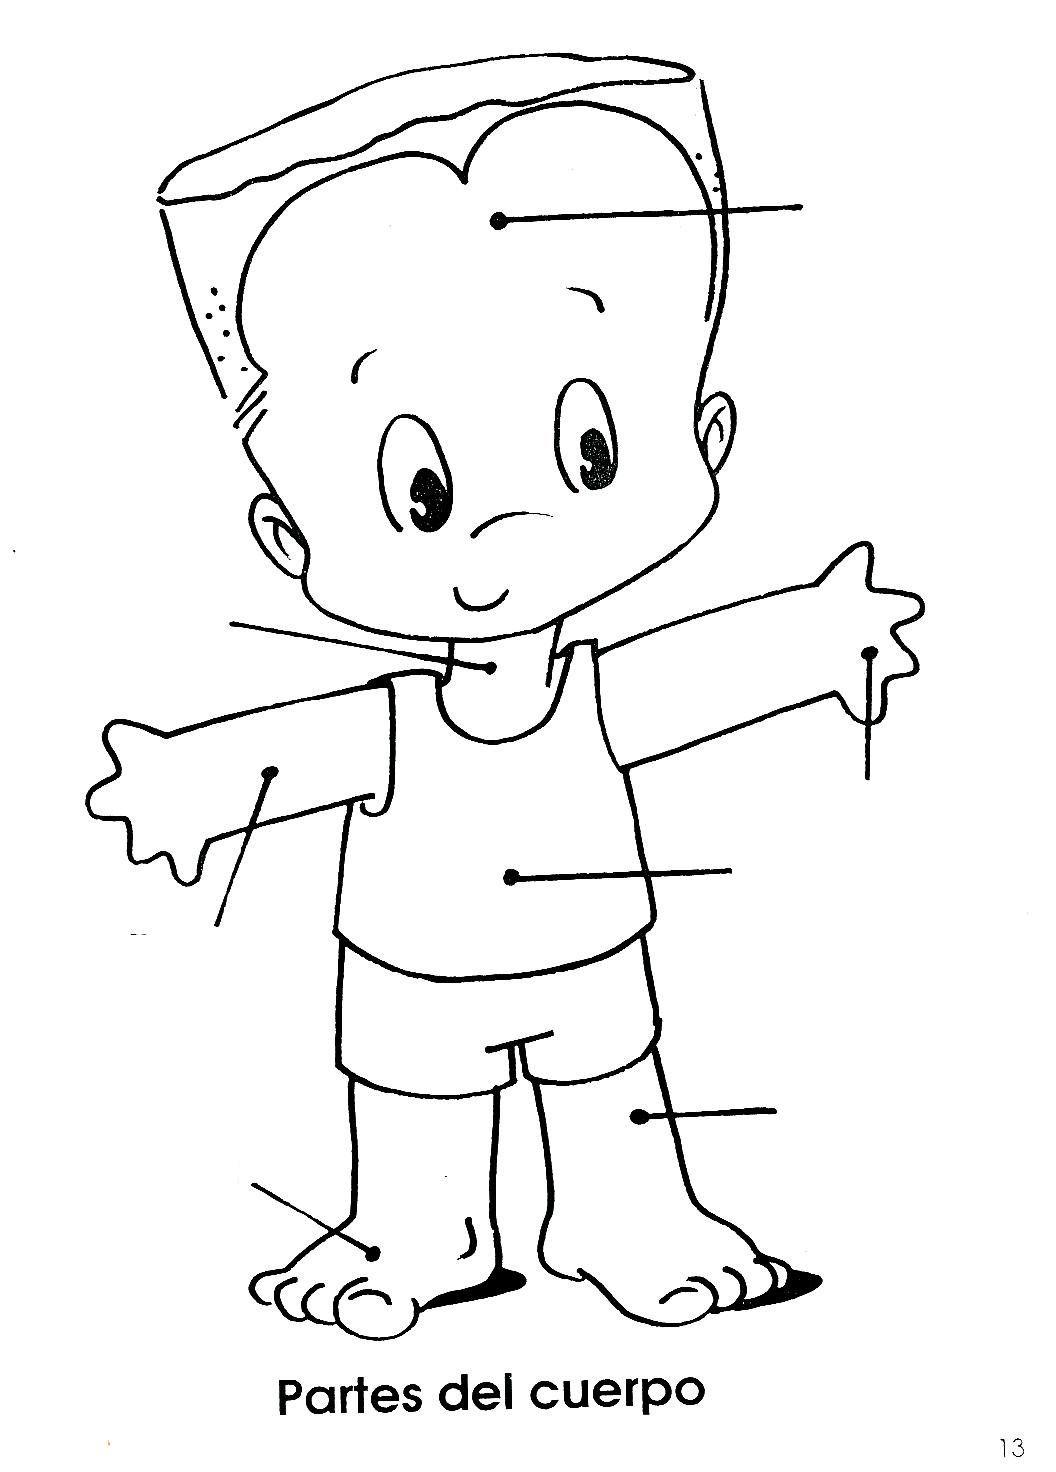 Pin De Biblio Geek En Cuerpo Humano Partes Del Cuerpo Humano El Cuerpo Humano Infantil Partes Del Cuerpo Preescolar